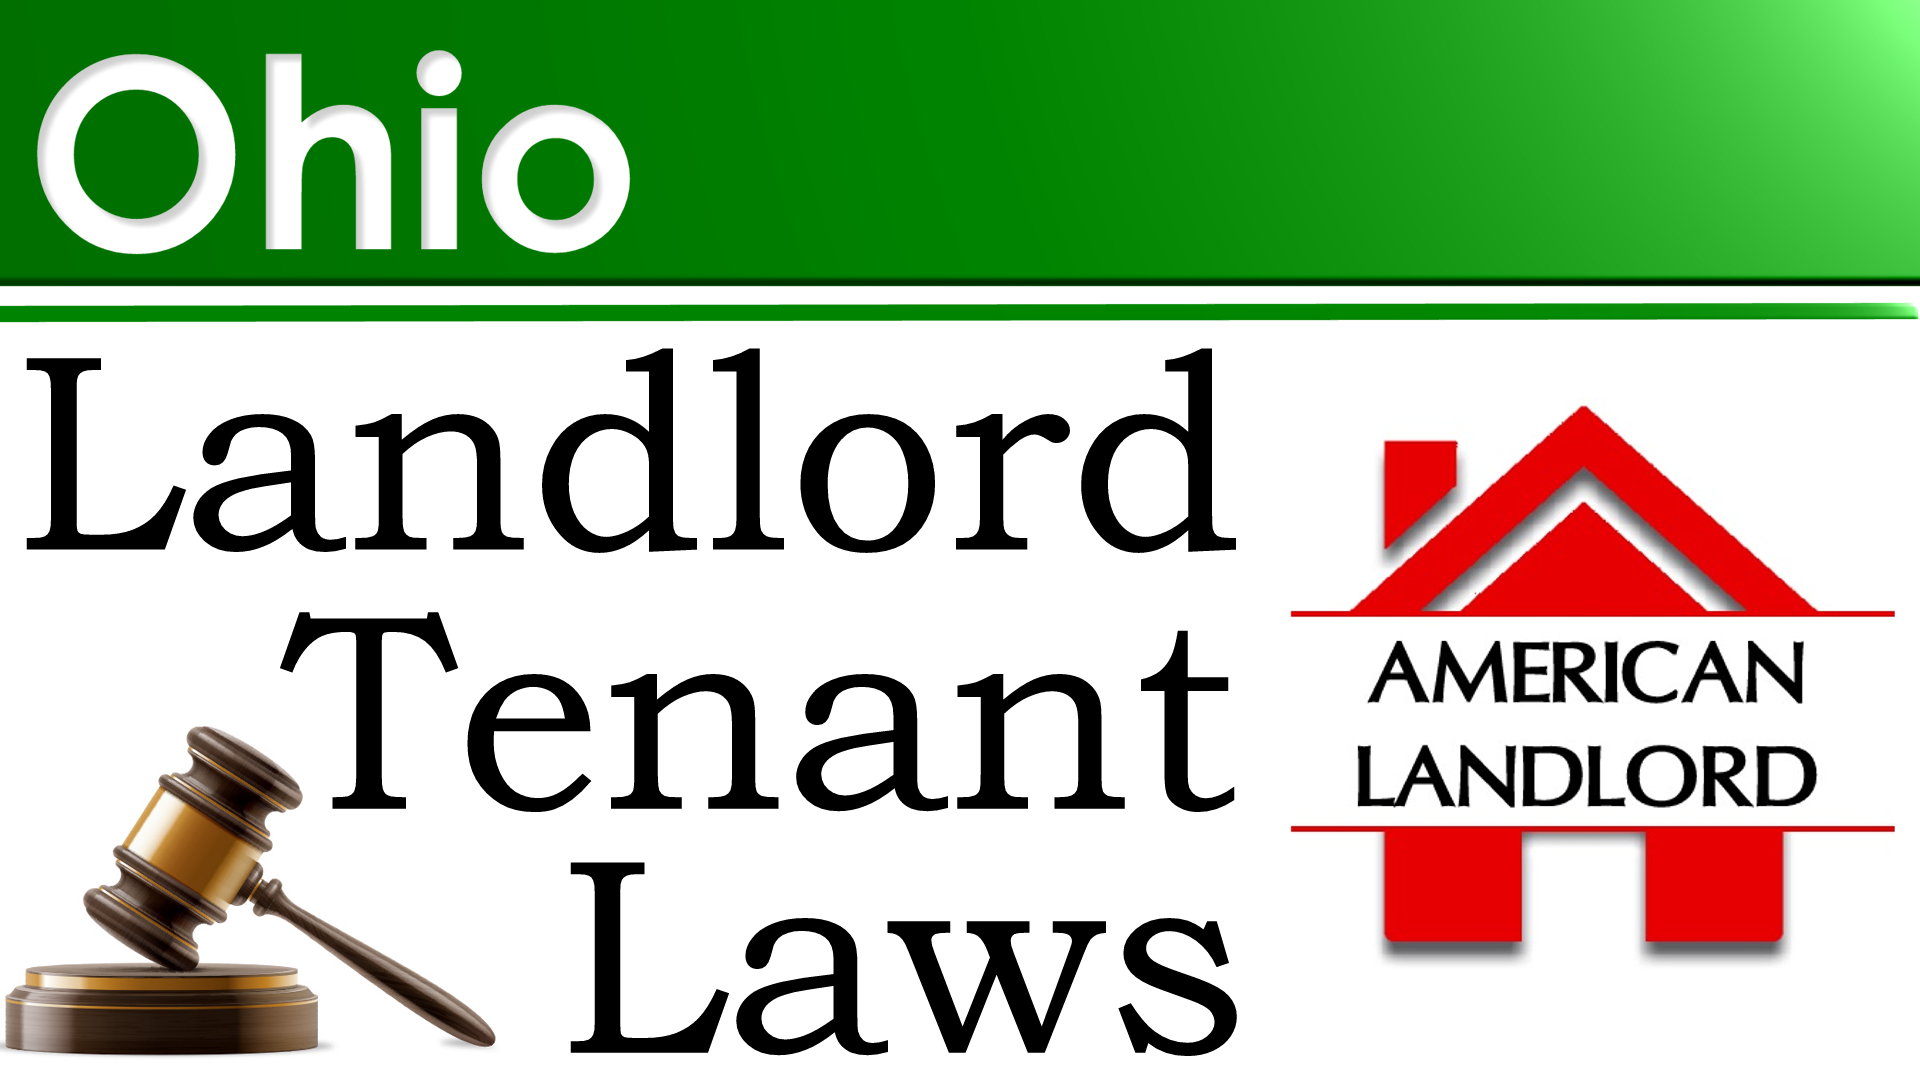 Ohio landlord tenant law